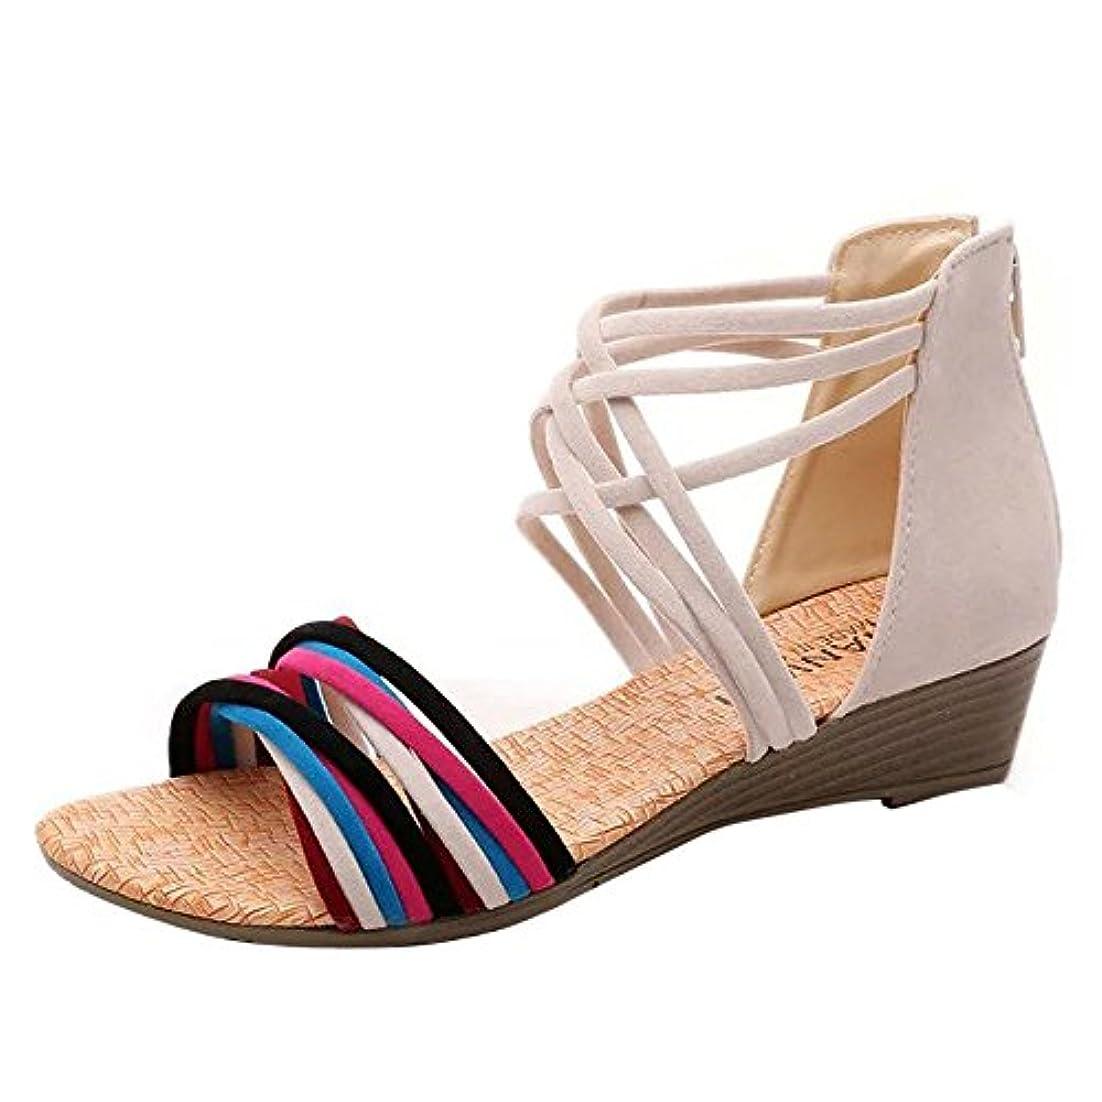 代表して前提謙虚[シューズ Foreted] サンダル フラット アンクルストラップ 美脚 ローヒール おしゃれ 夏 歩きやすい コンフォート ウェッジソール ぺたんこ靴 可愛い フォーマル